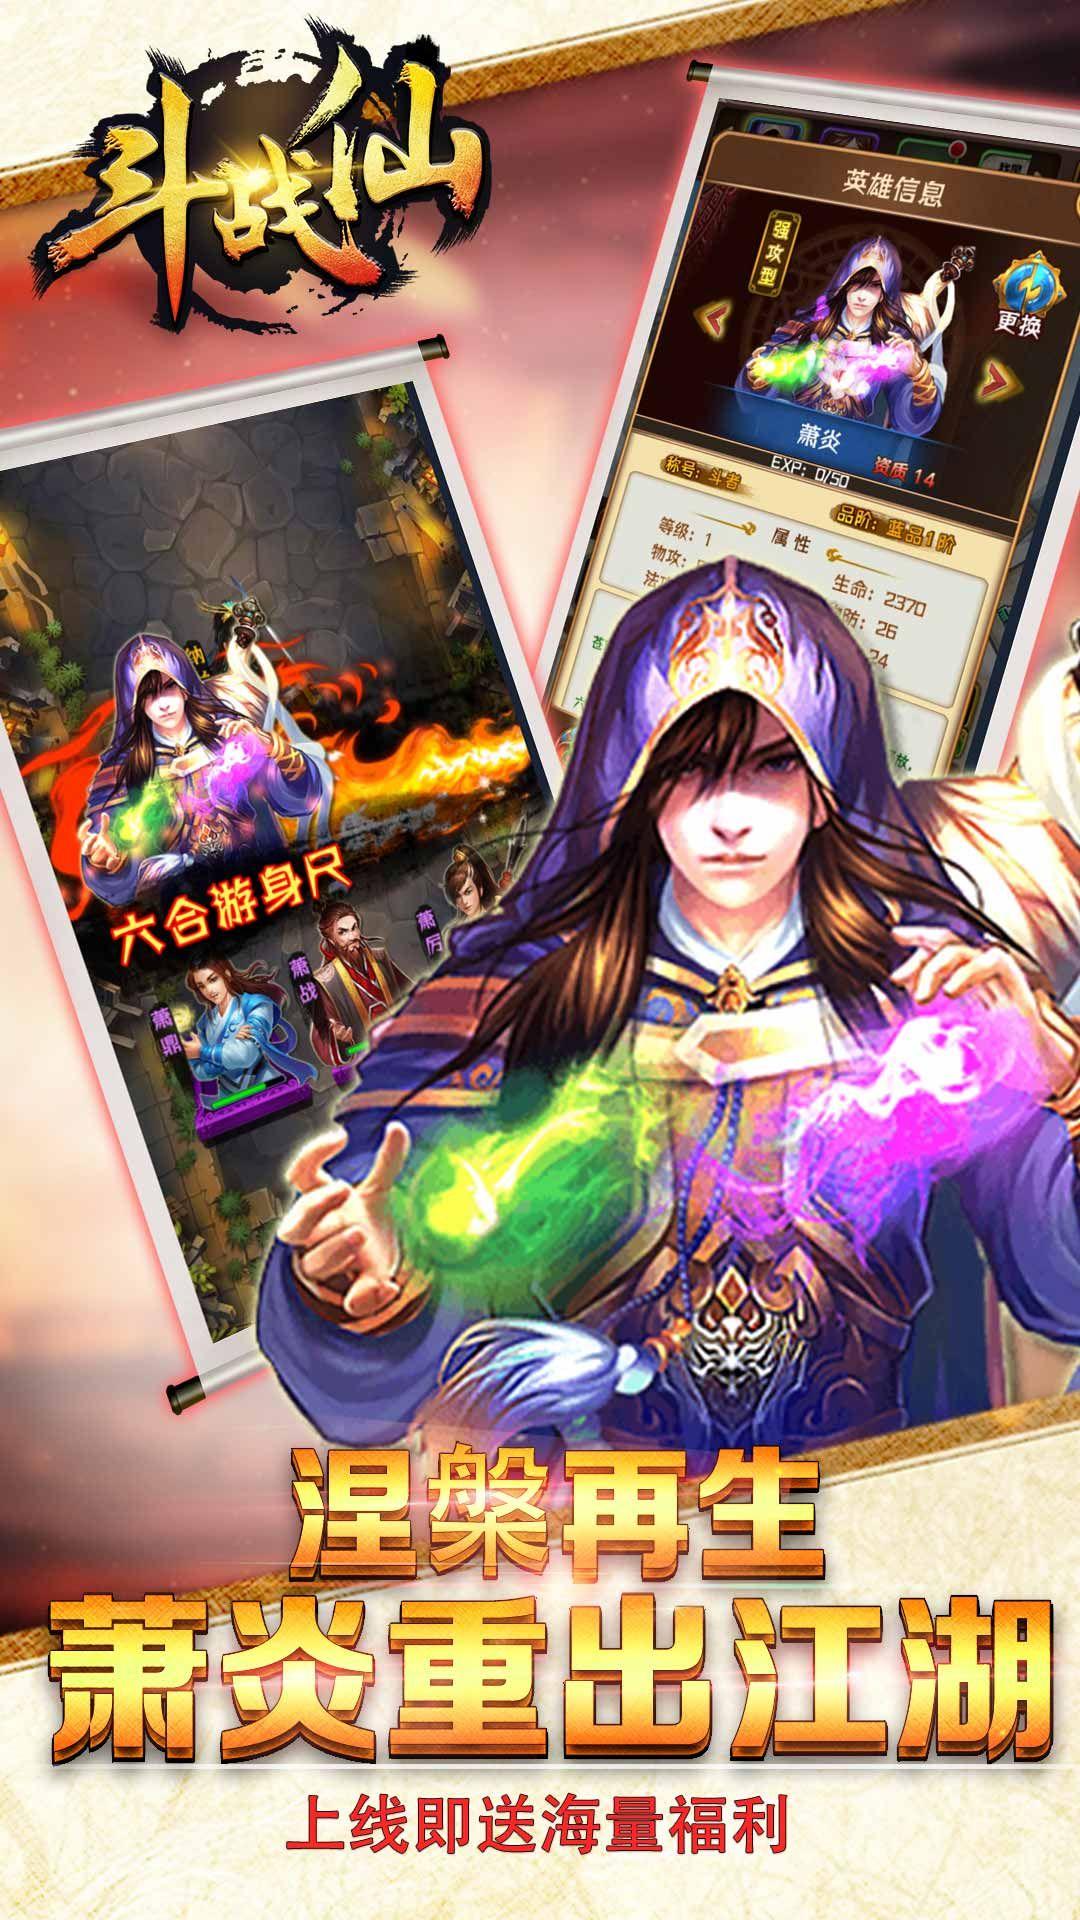 斗战仙破解版攻略中级玩家玩法指引